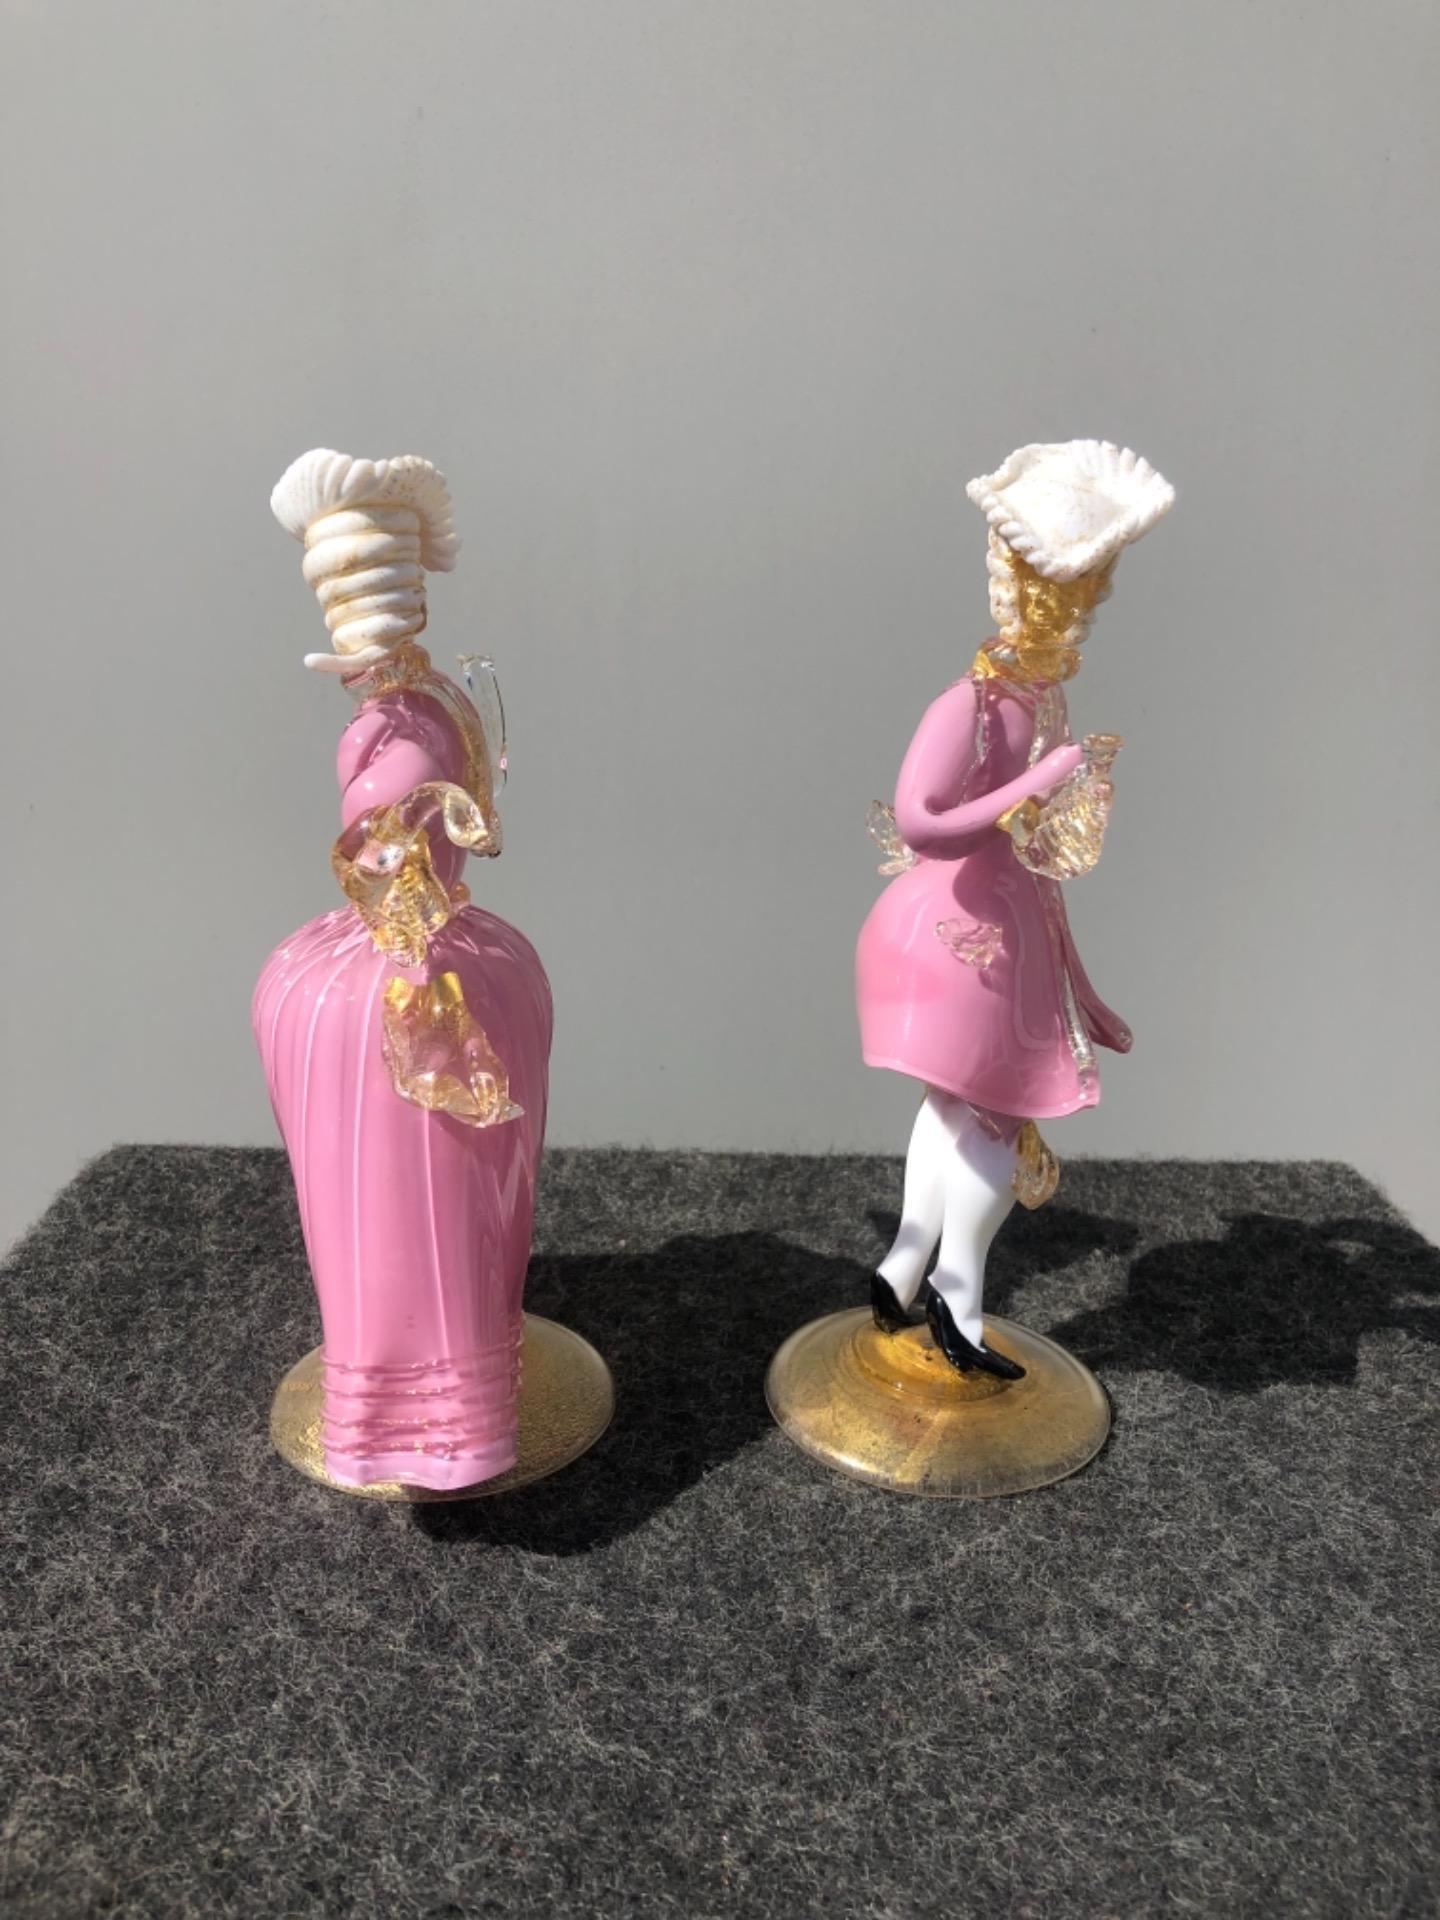 thumb3|Coppia di figure cavaliere e dama in vetro con inclusioni in oro.Murano